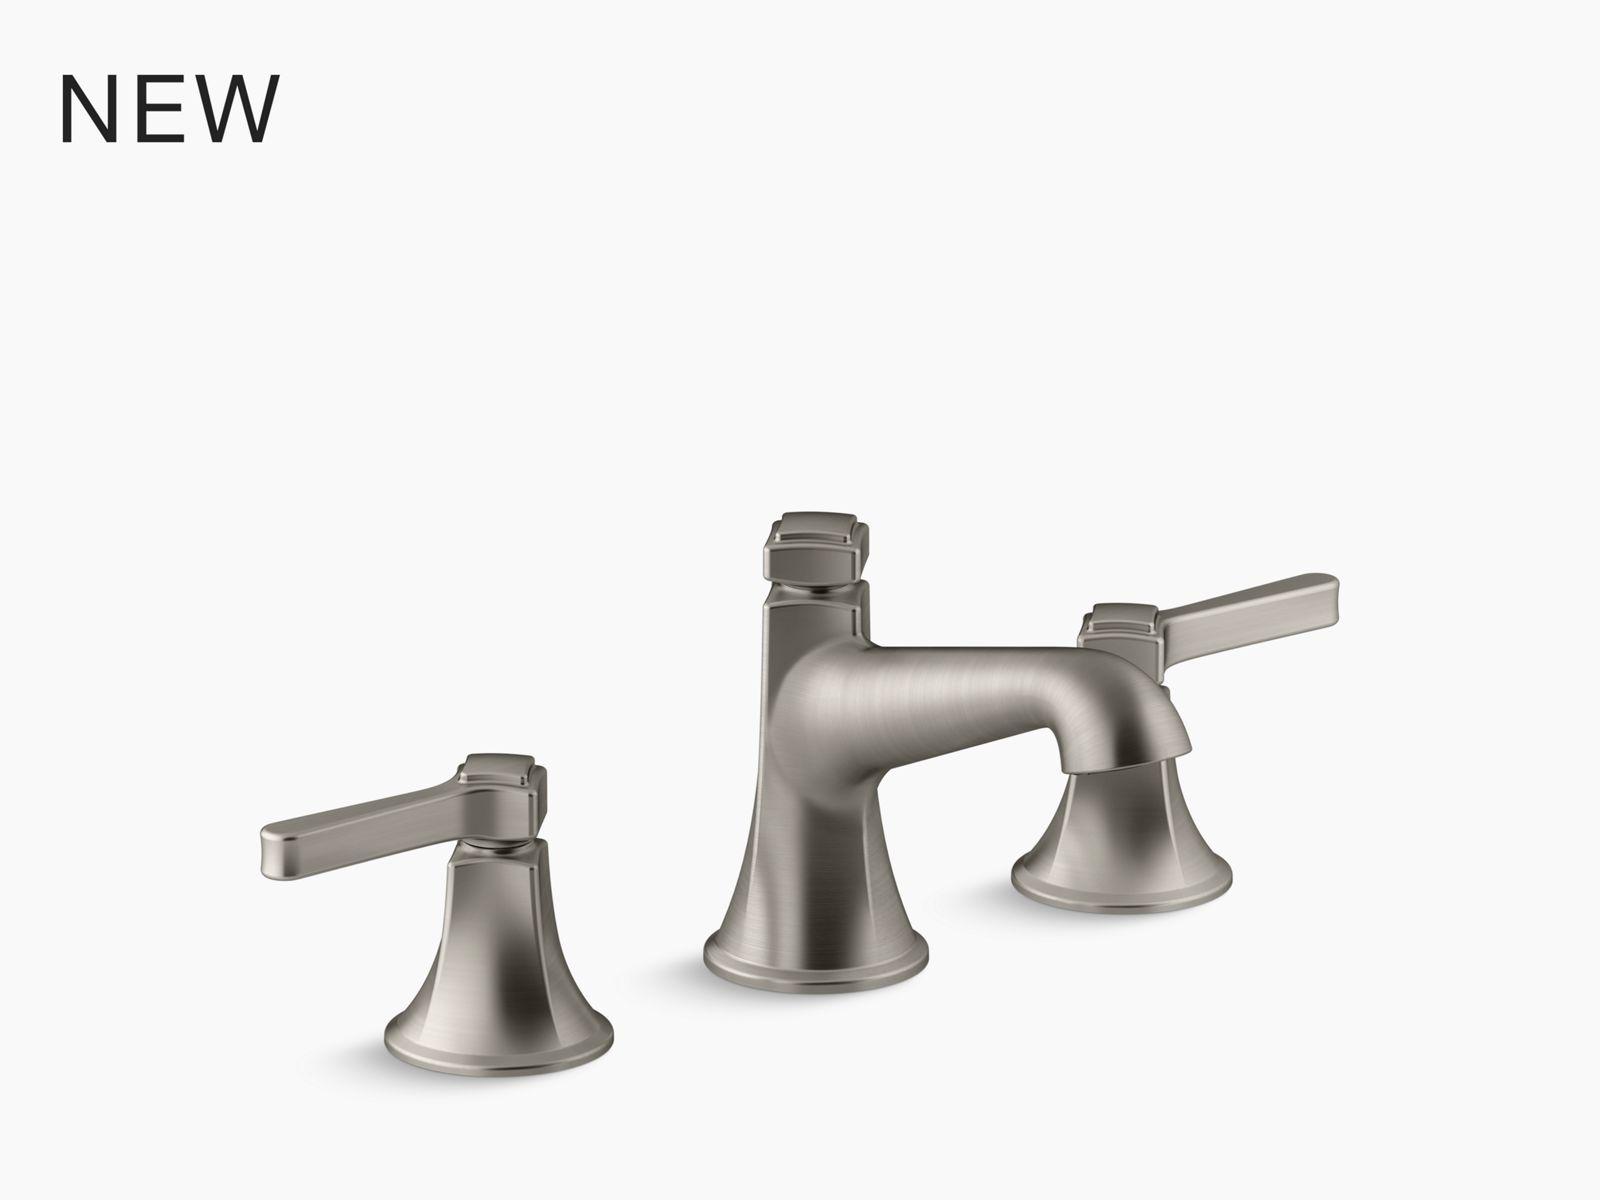 cairn 24 1 2 x 18 5 16 x 9 1 2 neoroc undermount single bowl kitchen sink with rack